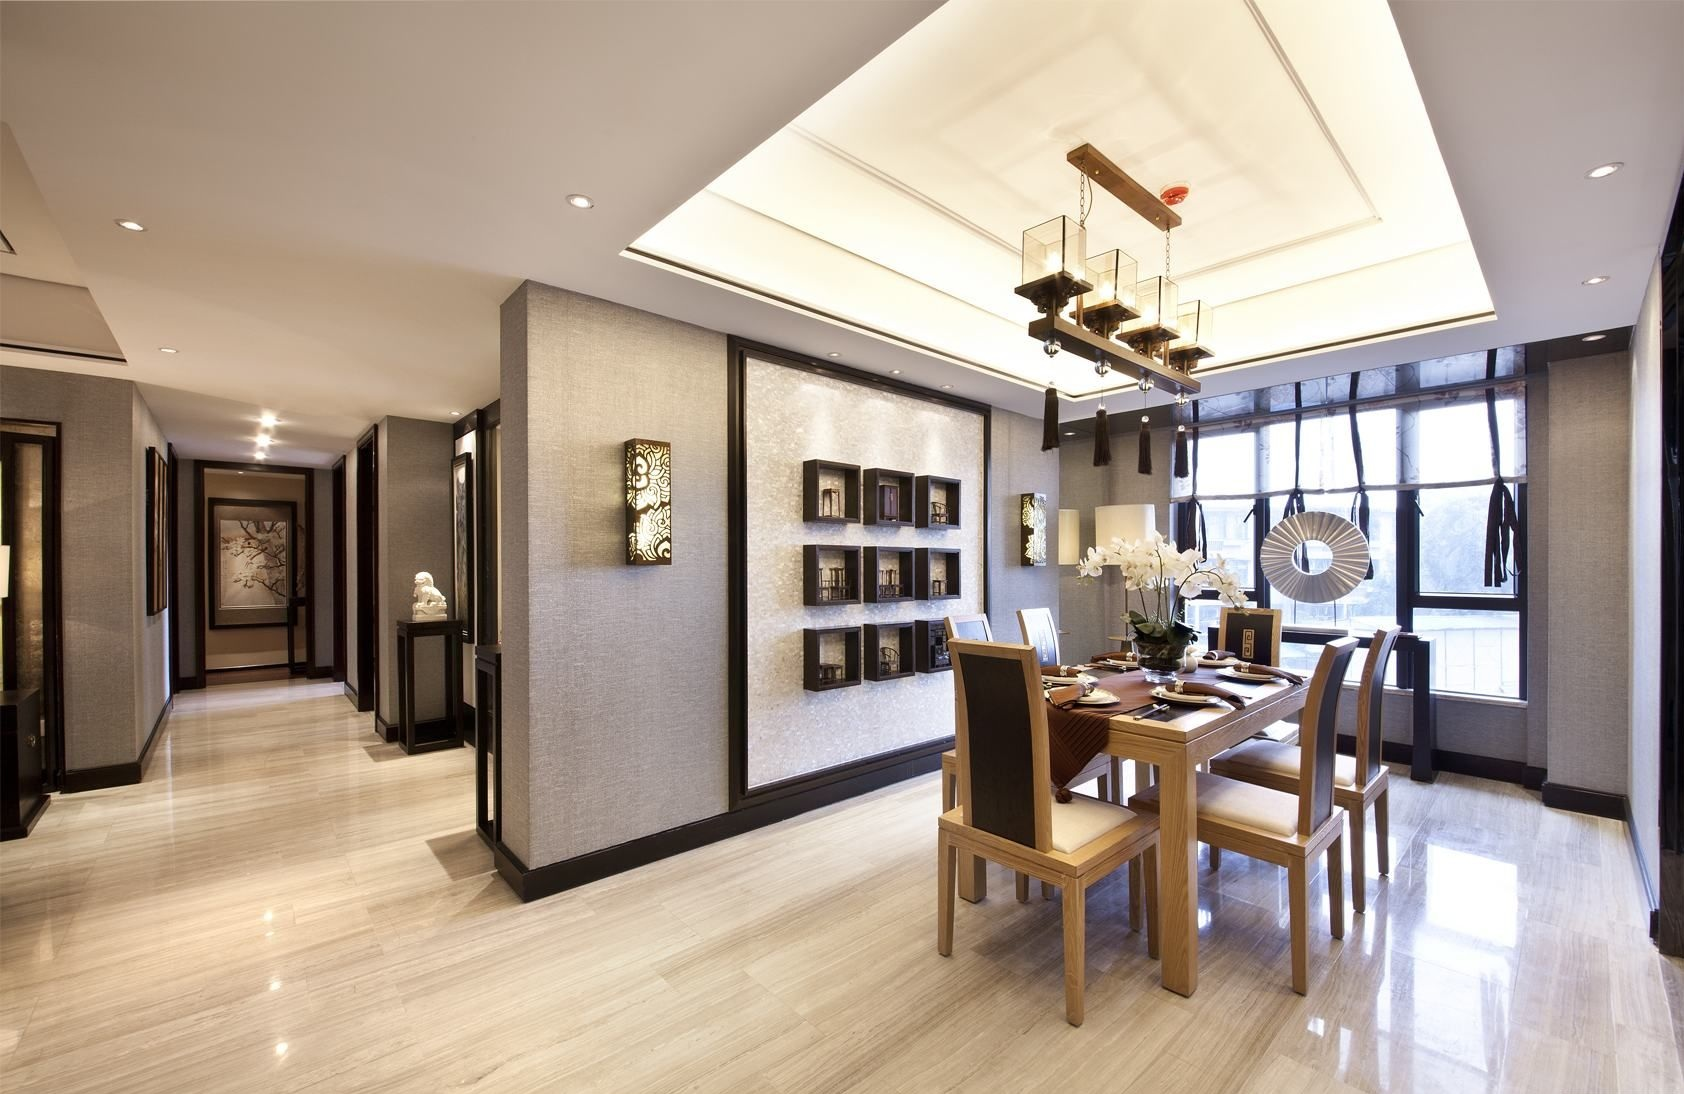 简洁的线条装饰,原木色餐桌椅,既显现出中式家具的内涵,又符合现代人追求的时尚感、实用性。